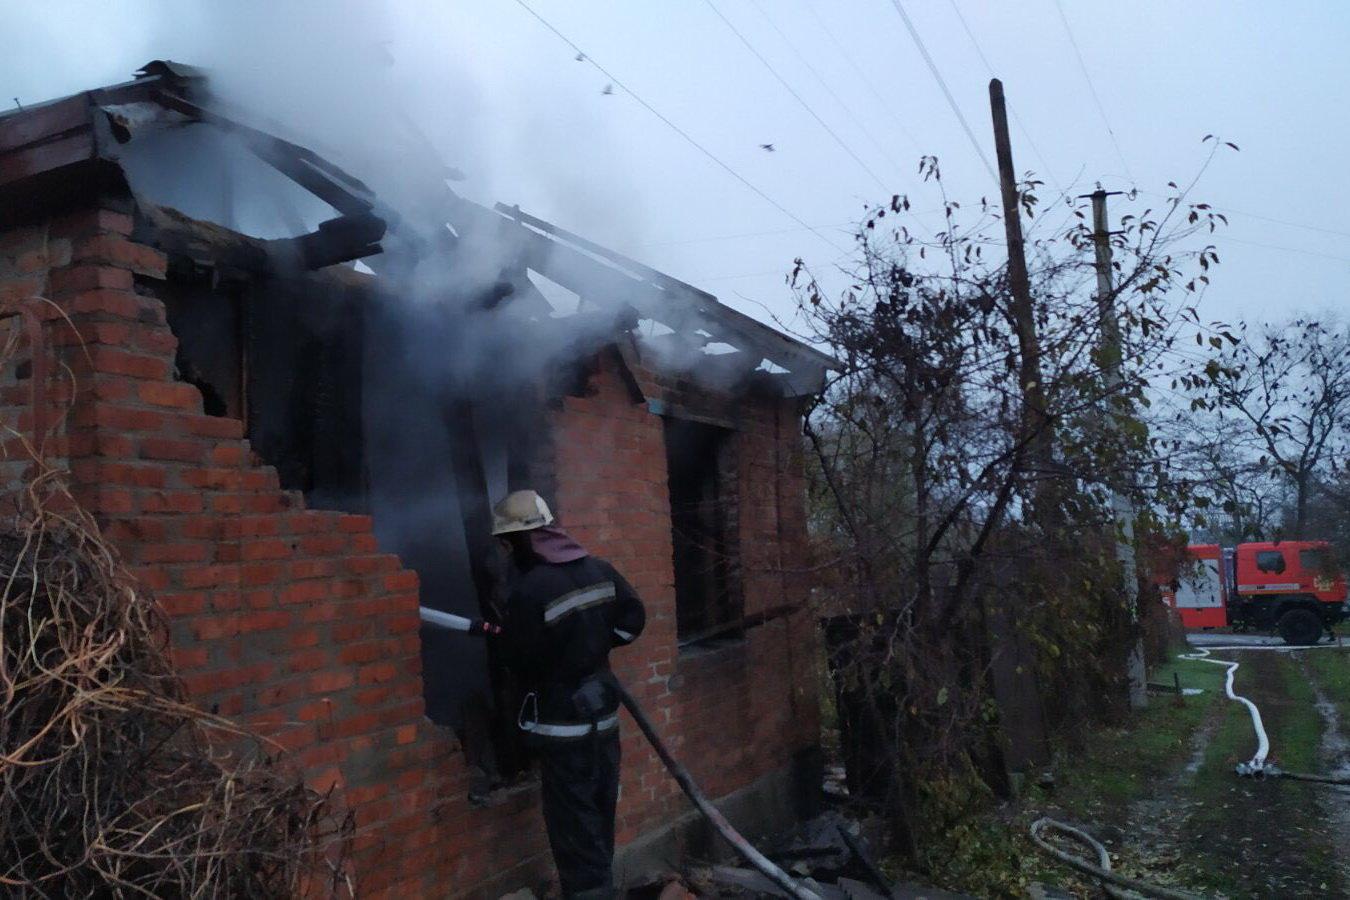 Под Харьковом подожгли жилой дом: спасатели восемь часов тушили пожар, - ФОТО, фото-1